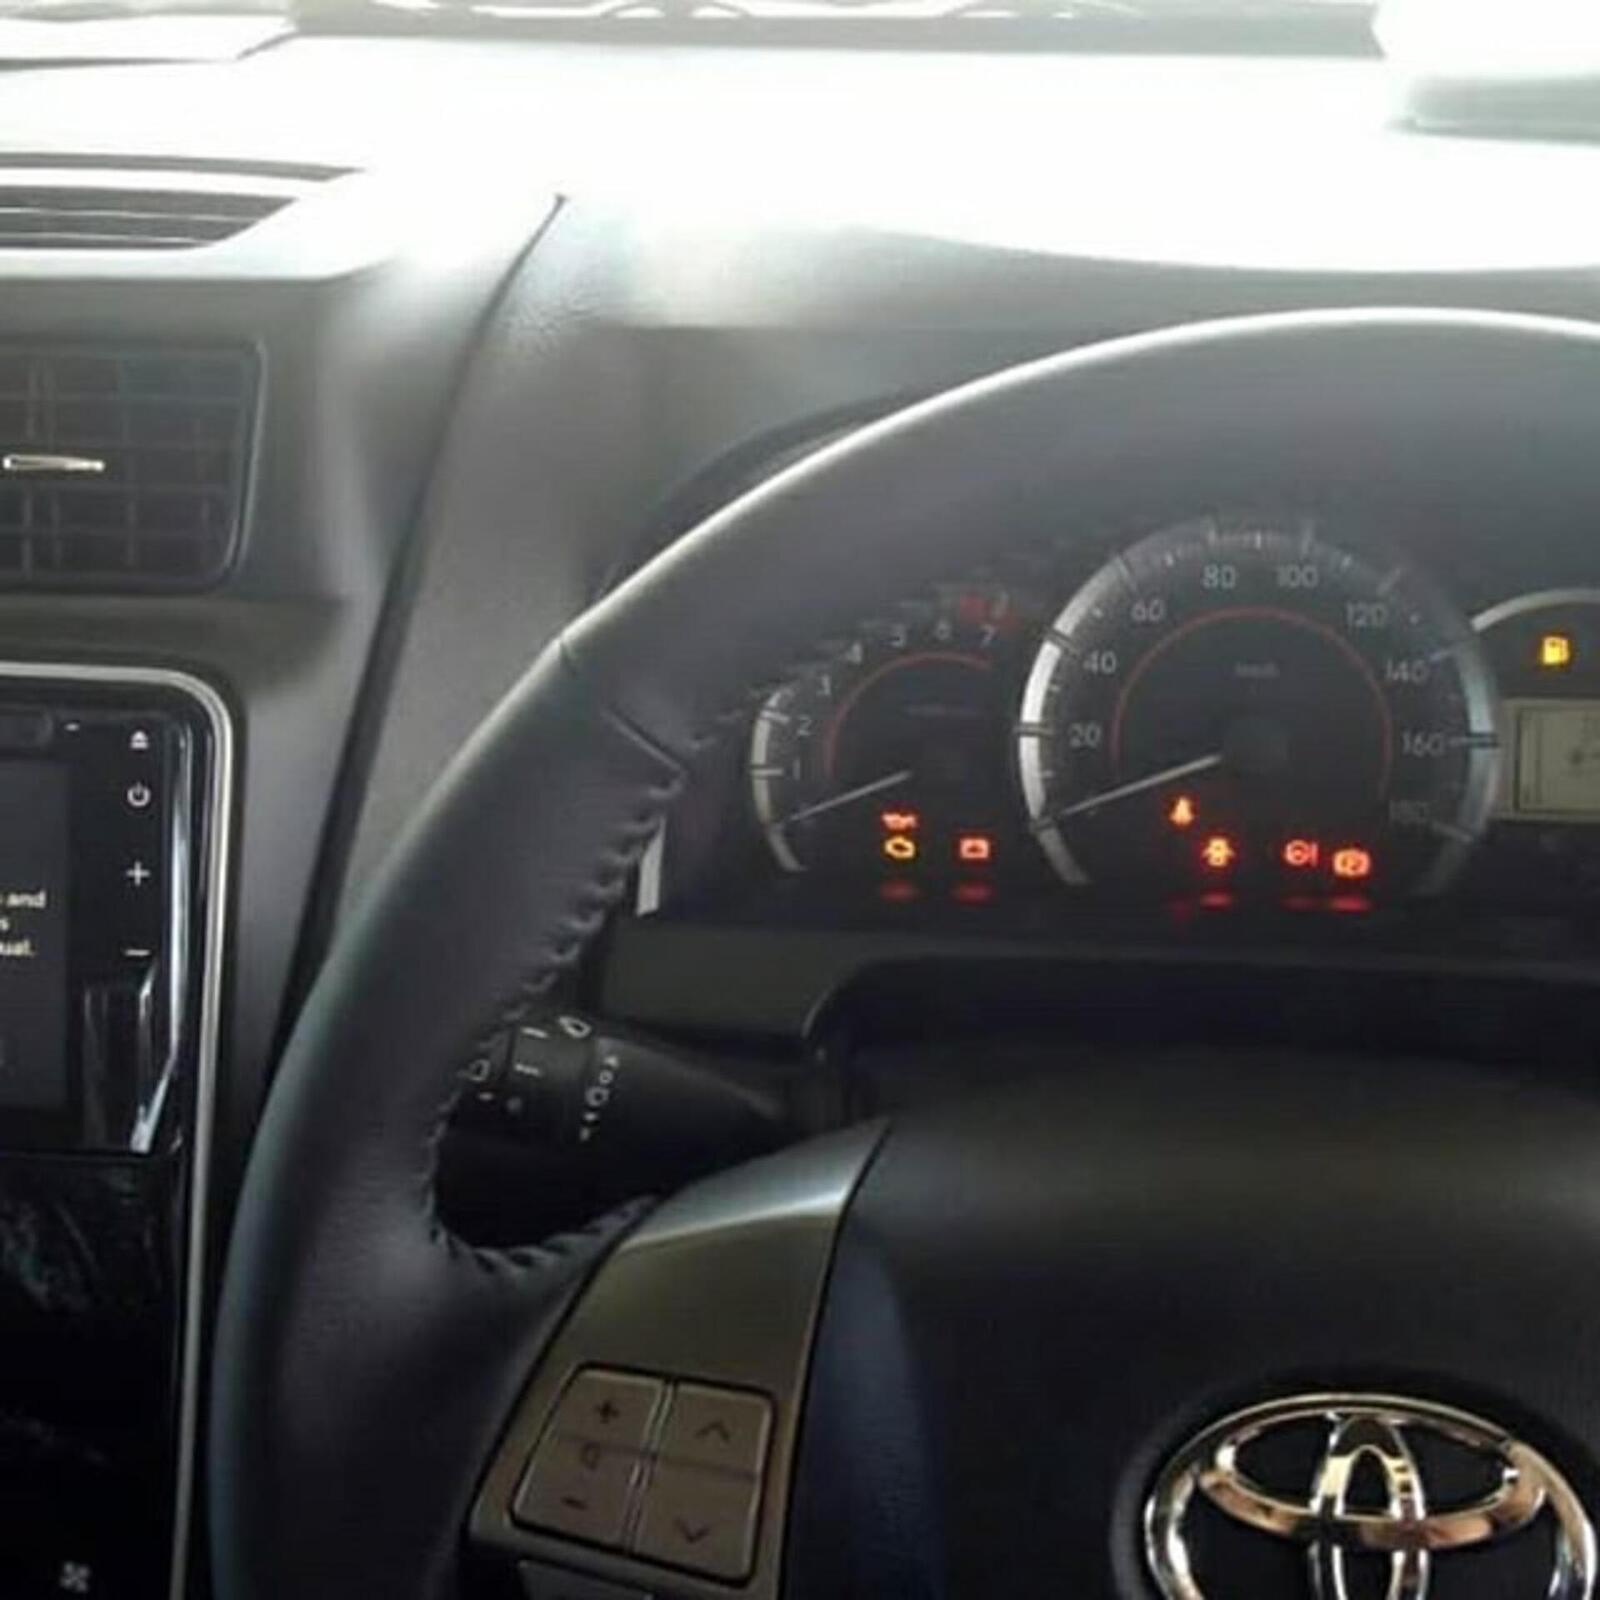 Lộ diện Toyota Avanza 2019 phiên bản nâng cấp Facelift mới với thiết kế đẹp phiên bản cũ - Hình 7